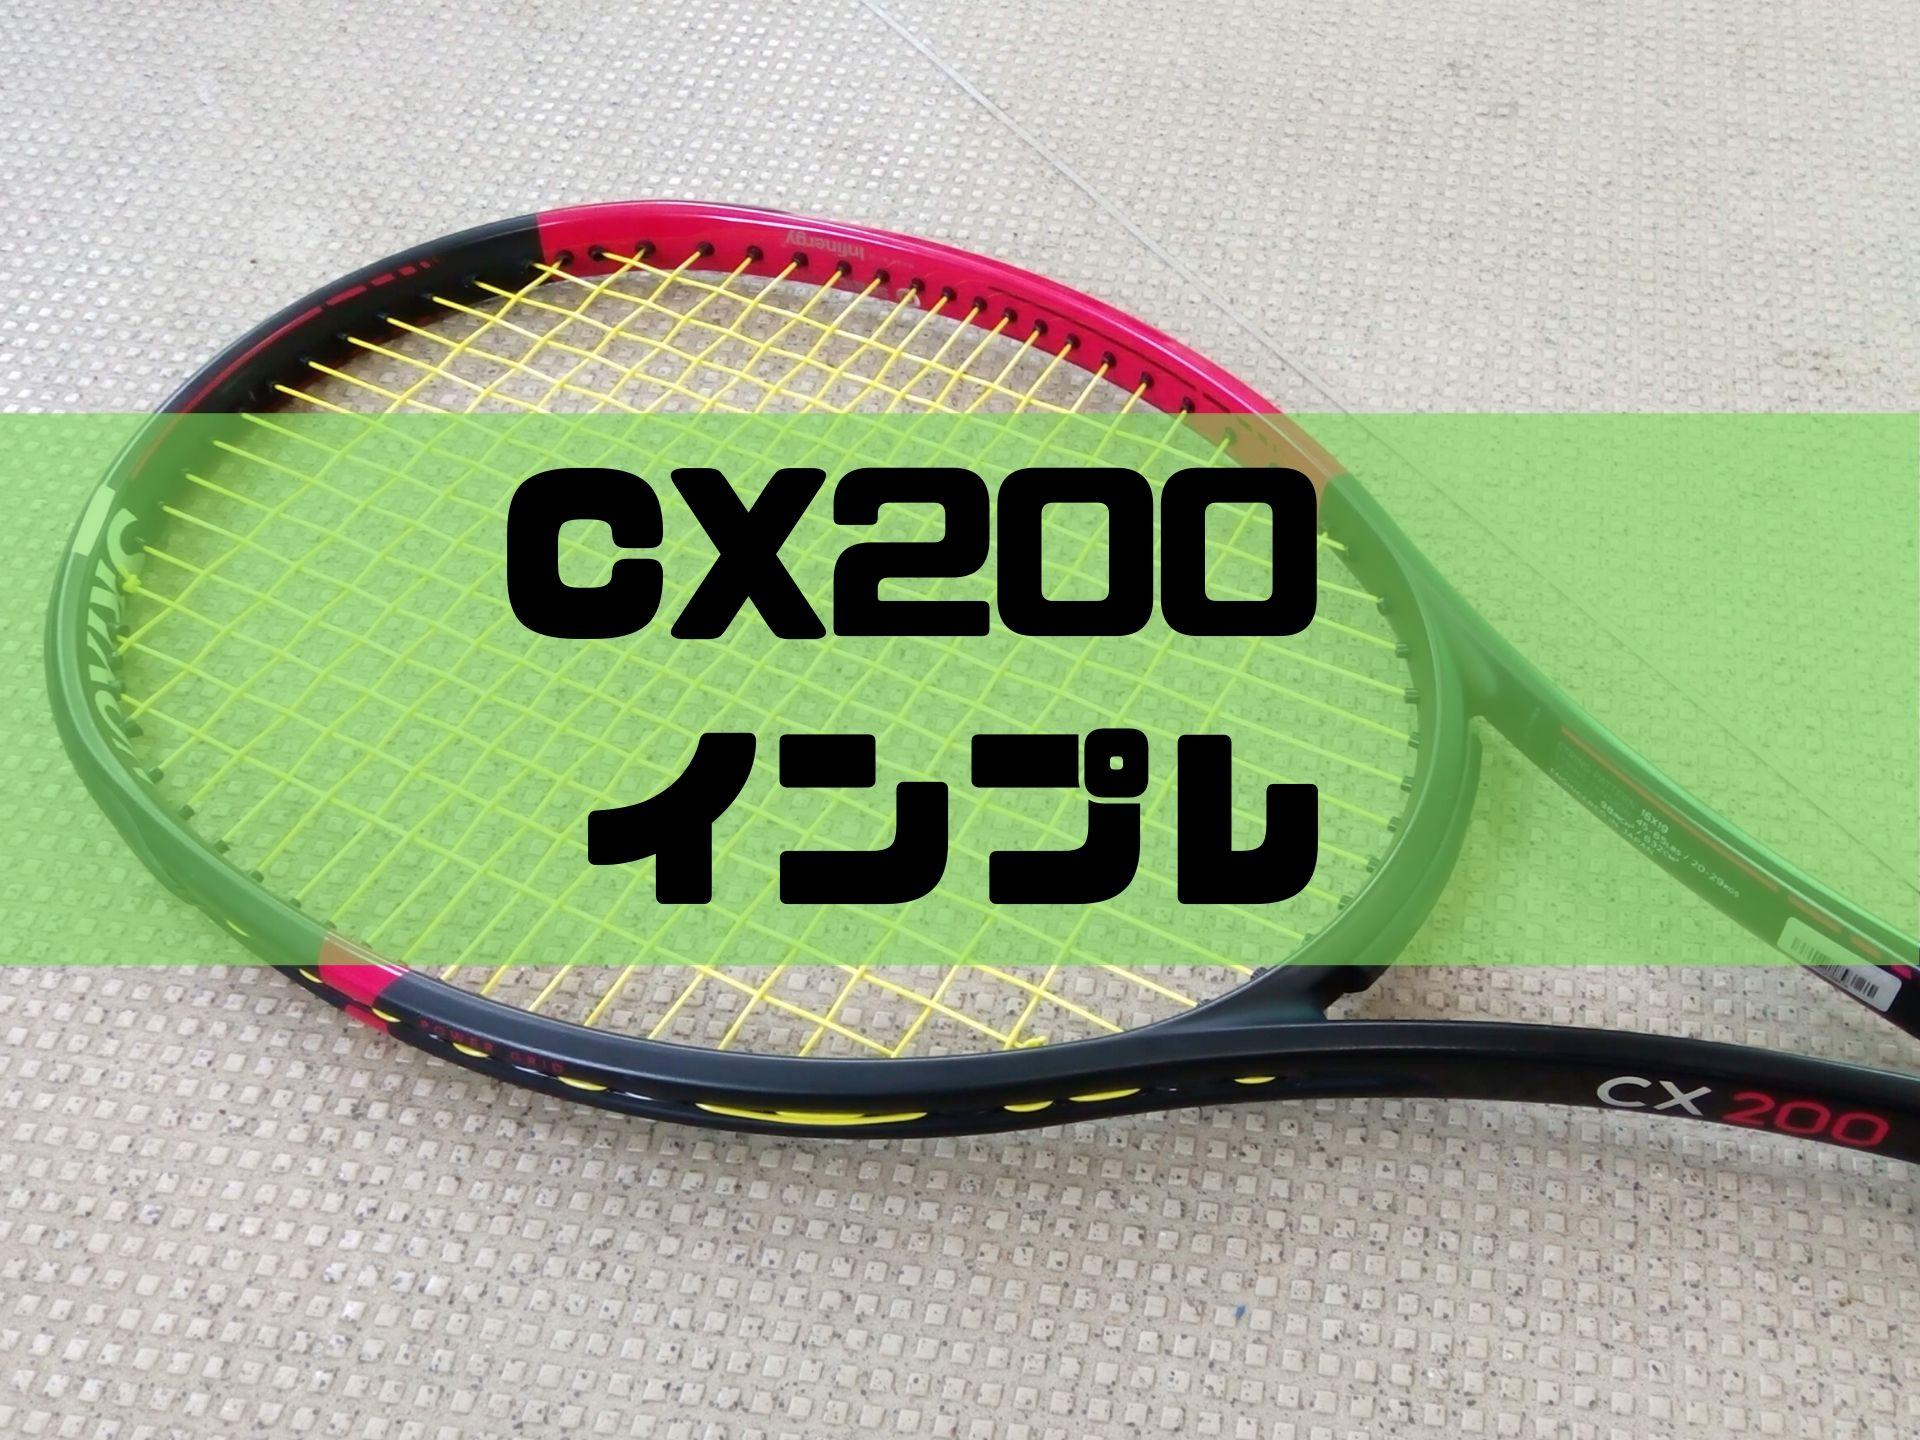 Dunlop CX200